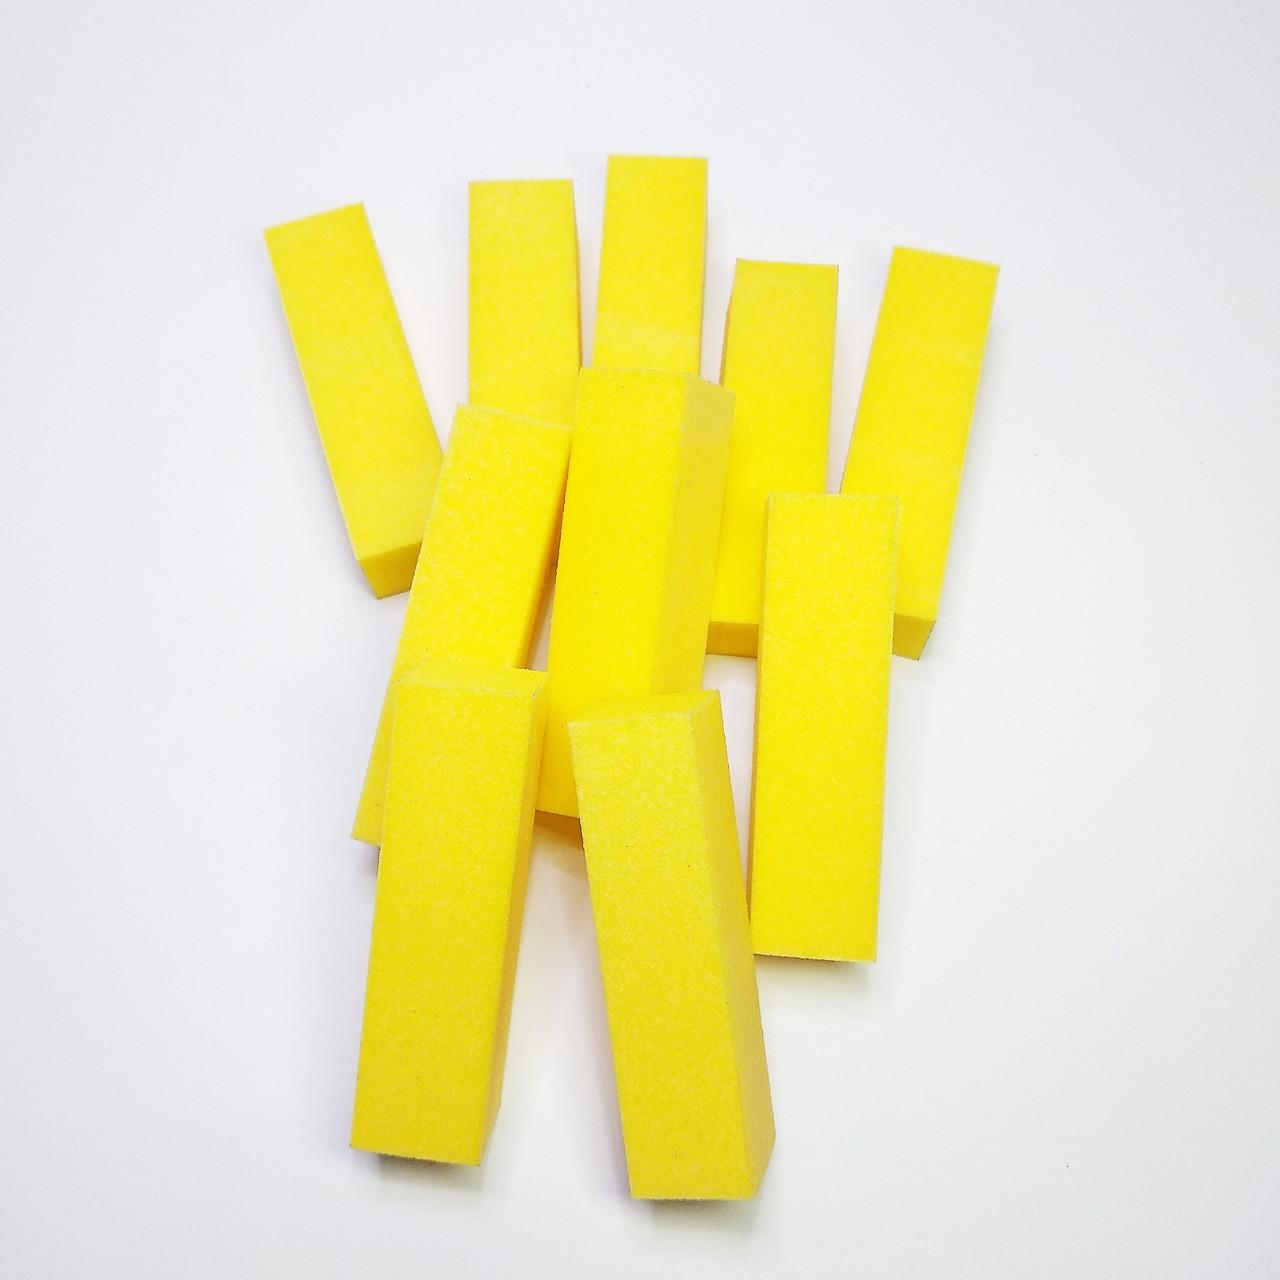 Бафик  шлифовочный 10шт желтый